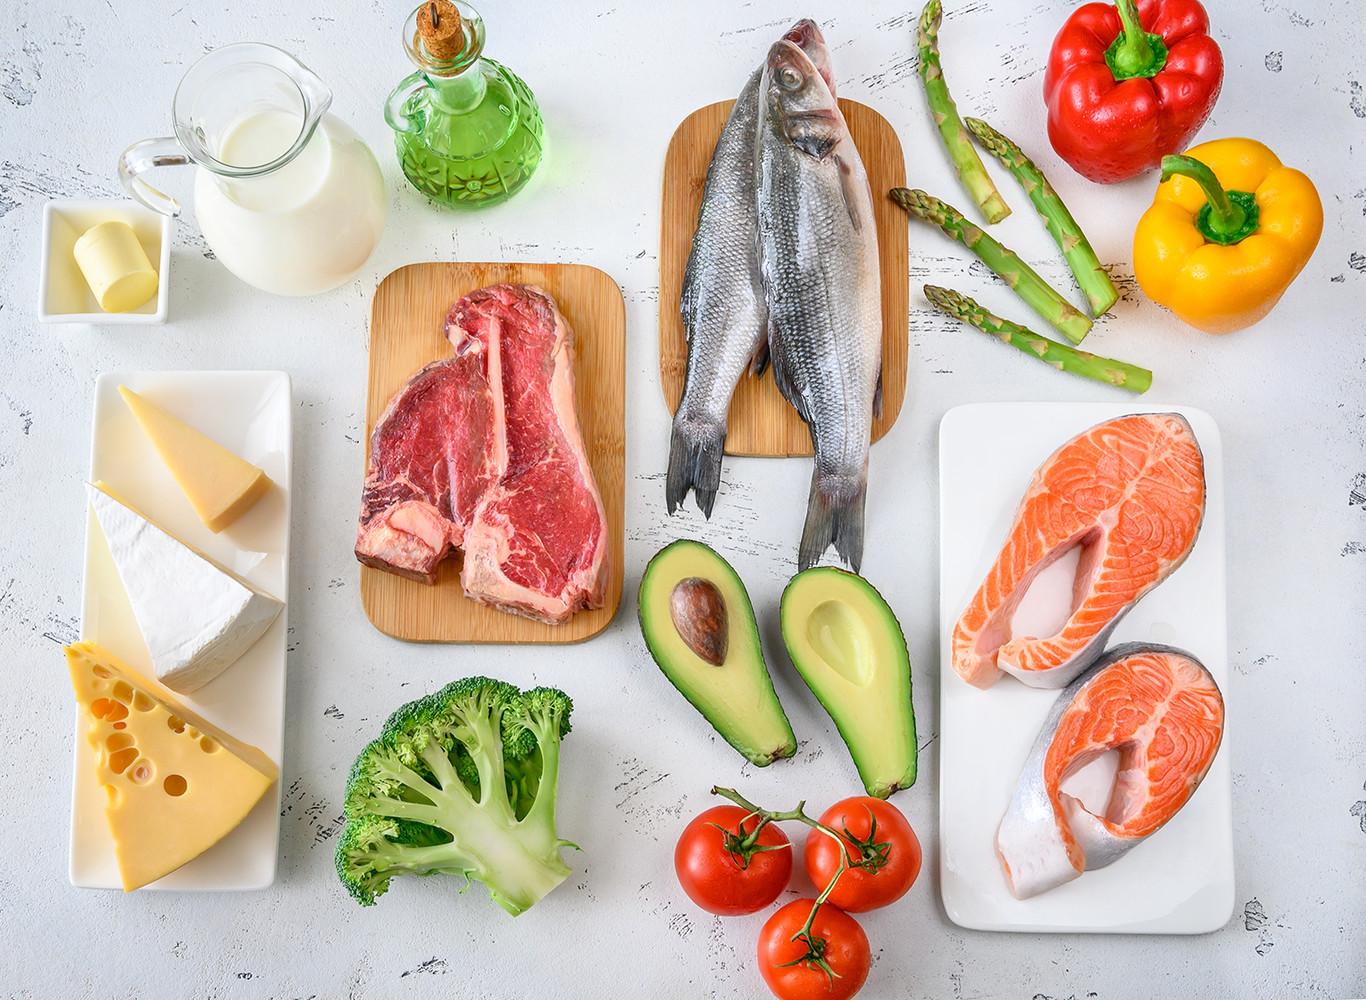 como estar en la dieta cetosis sin verduras